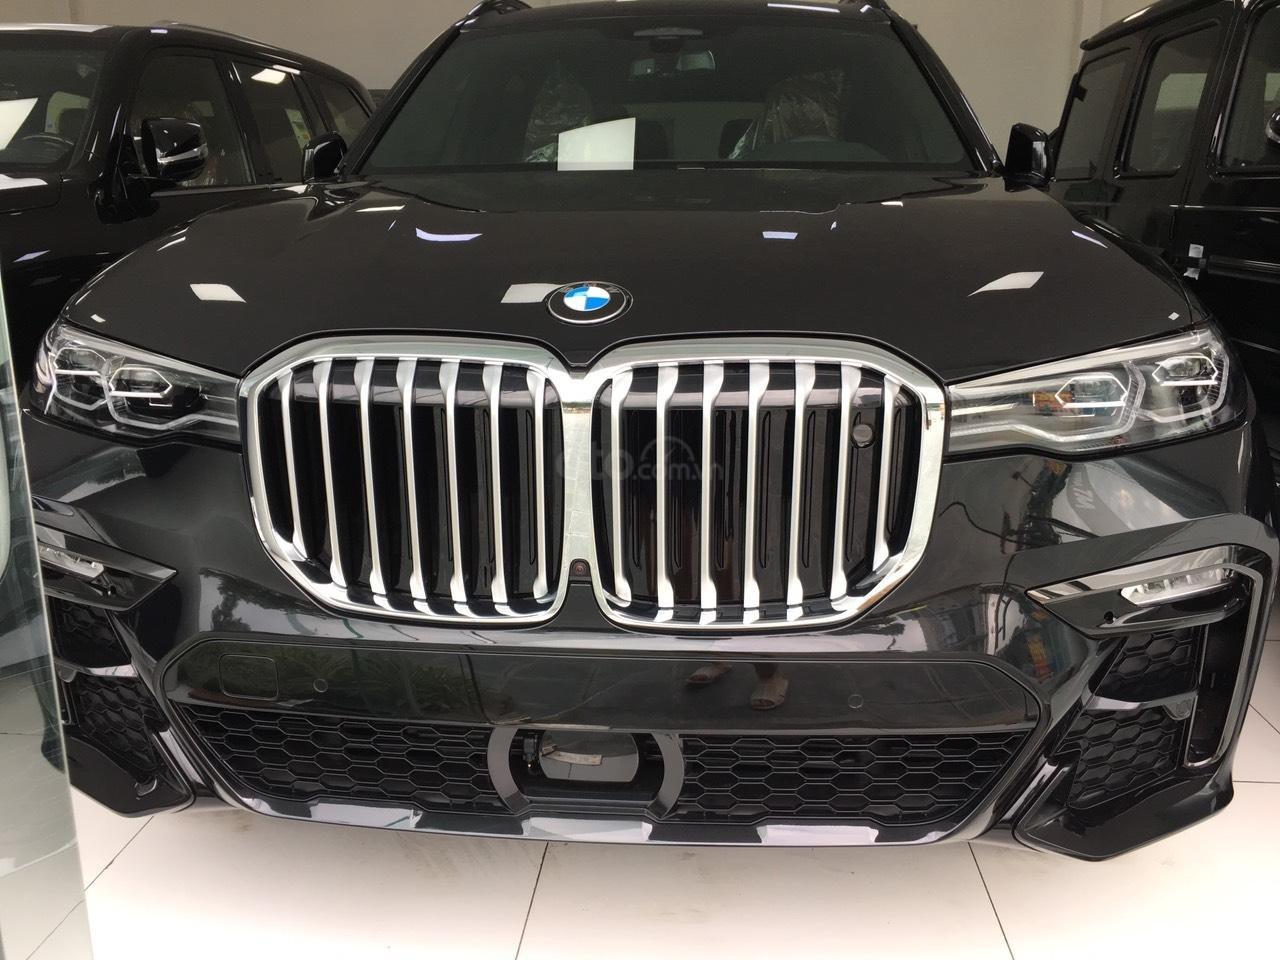 Bán BMW X7 xDrive 40i đời 2020, nhập Mỹ, giao ngay toàn quốc, giá tốt, LH 0945.39.2468 Ms Hương (2)